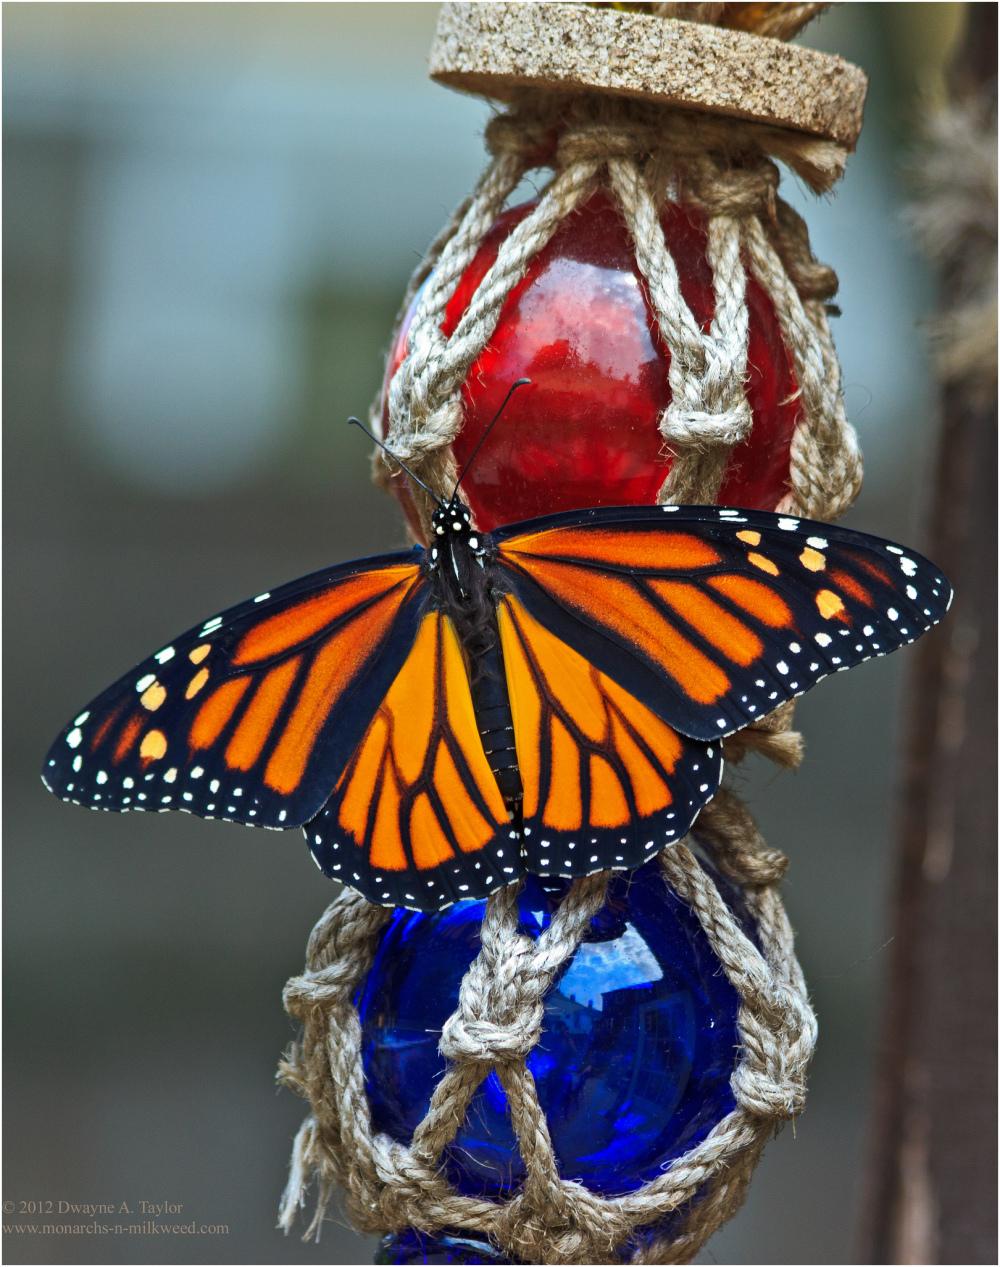 Monarch on Ornament